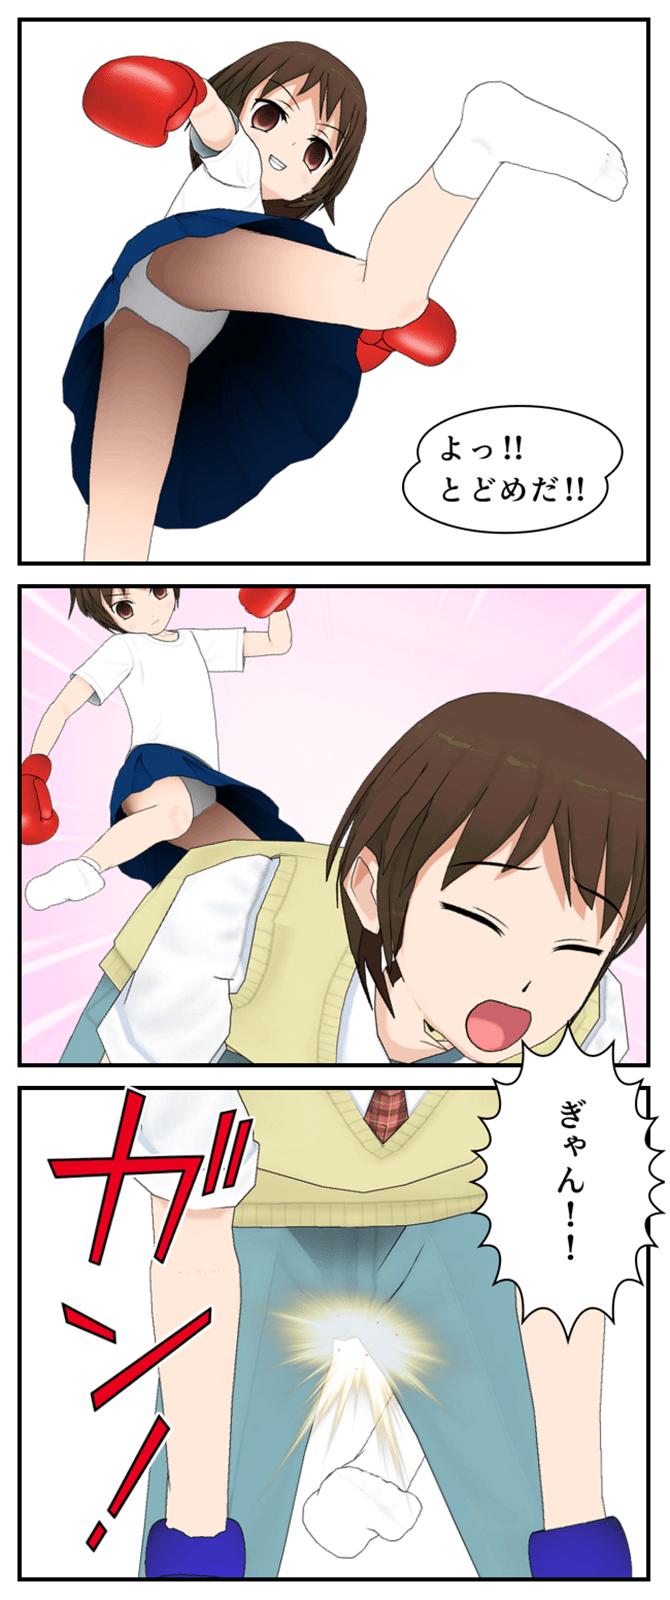 金蹴り,M男